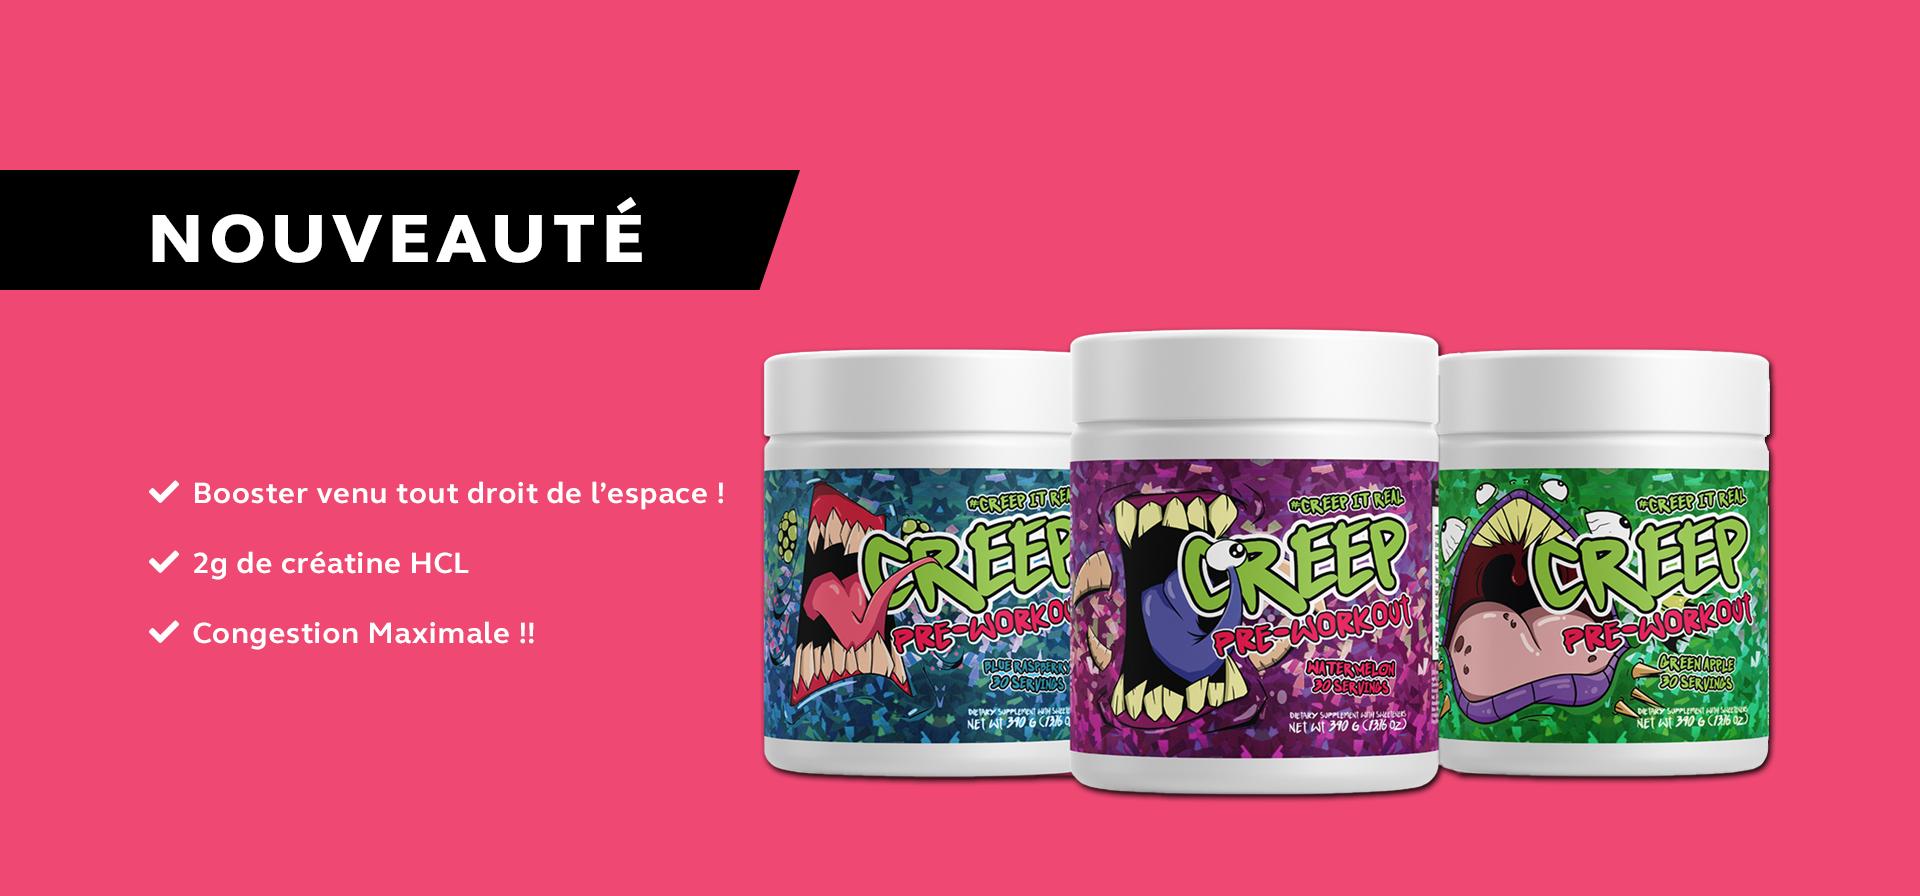 Nouveauté chez SD Nutrition 77 : Creep Labs - Creep Pré Workout 390g